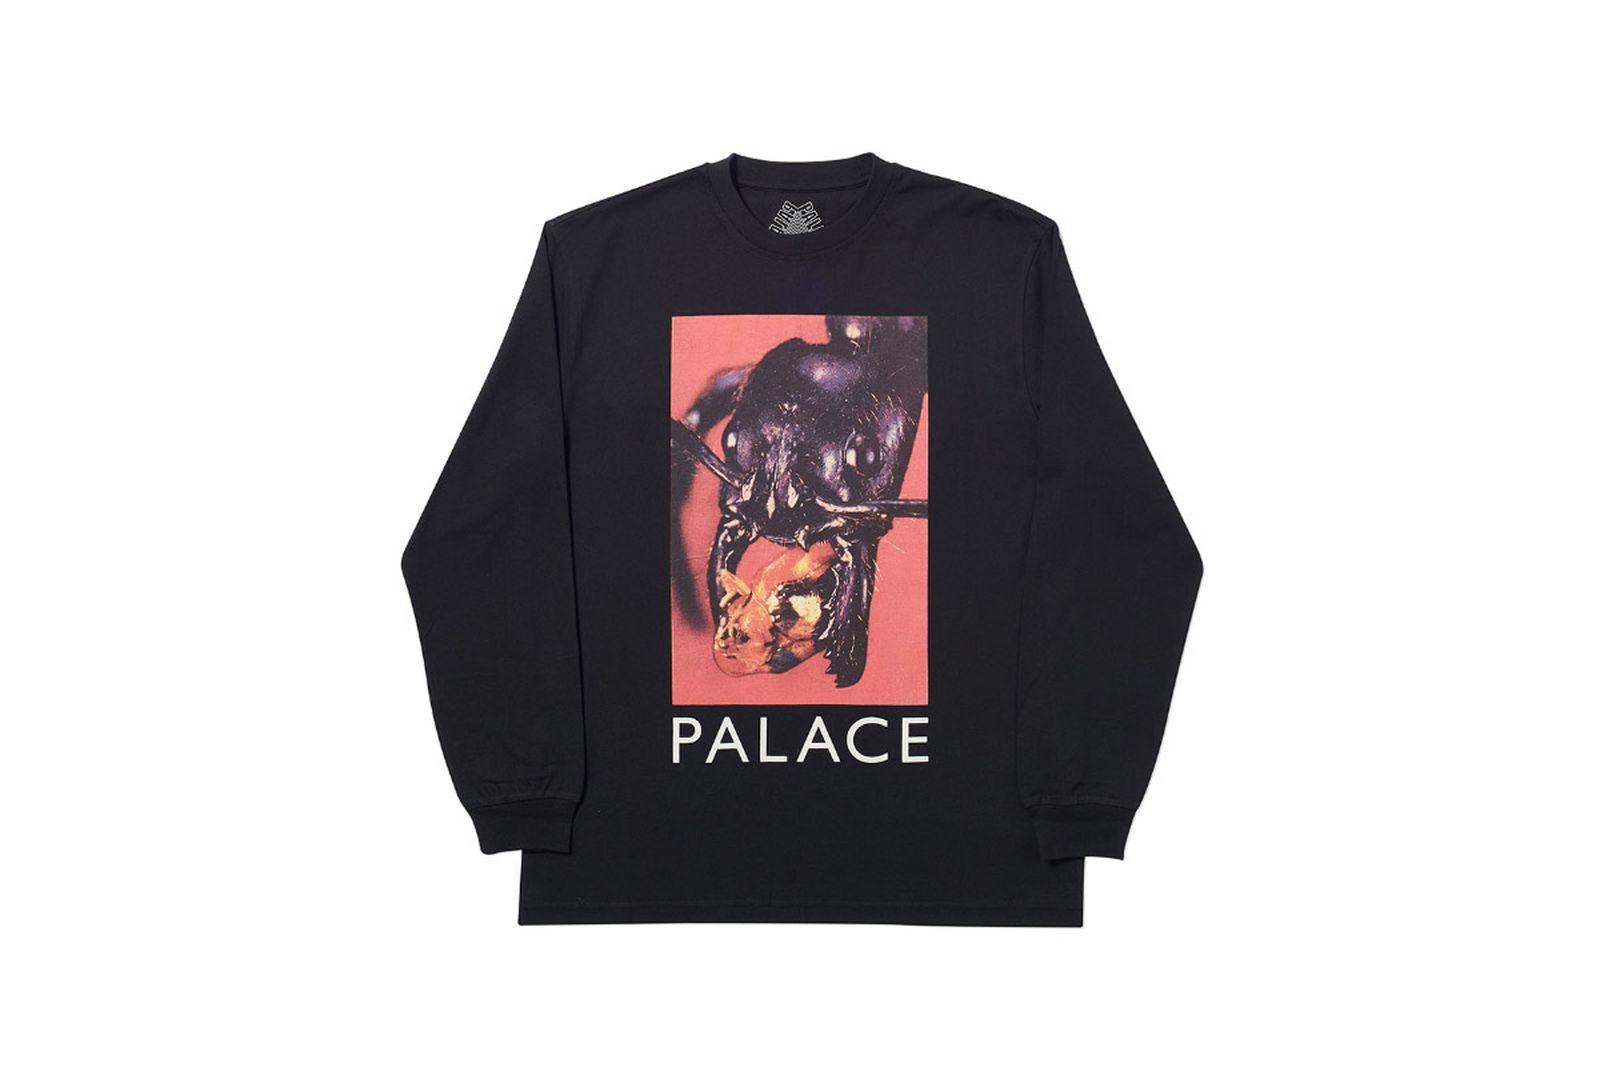 Palace 2019 Autumn Longsleeve T Shirt Bug Munch black 1366 ADJUSTED